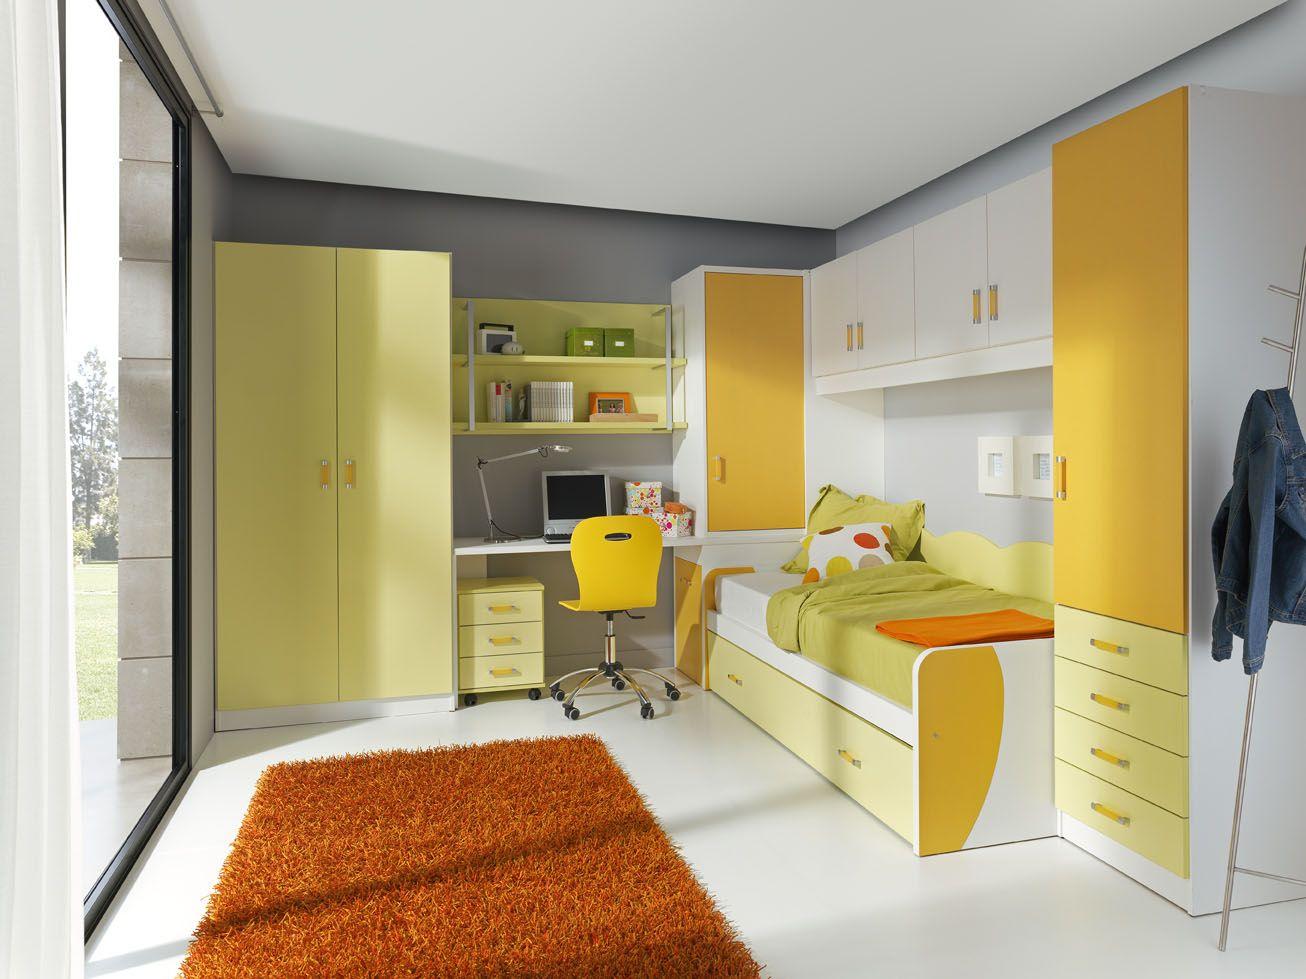 modelos de armarios para dormitorios pequeños - Buscar con Google ...